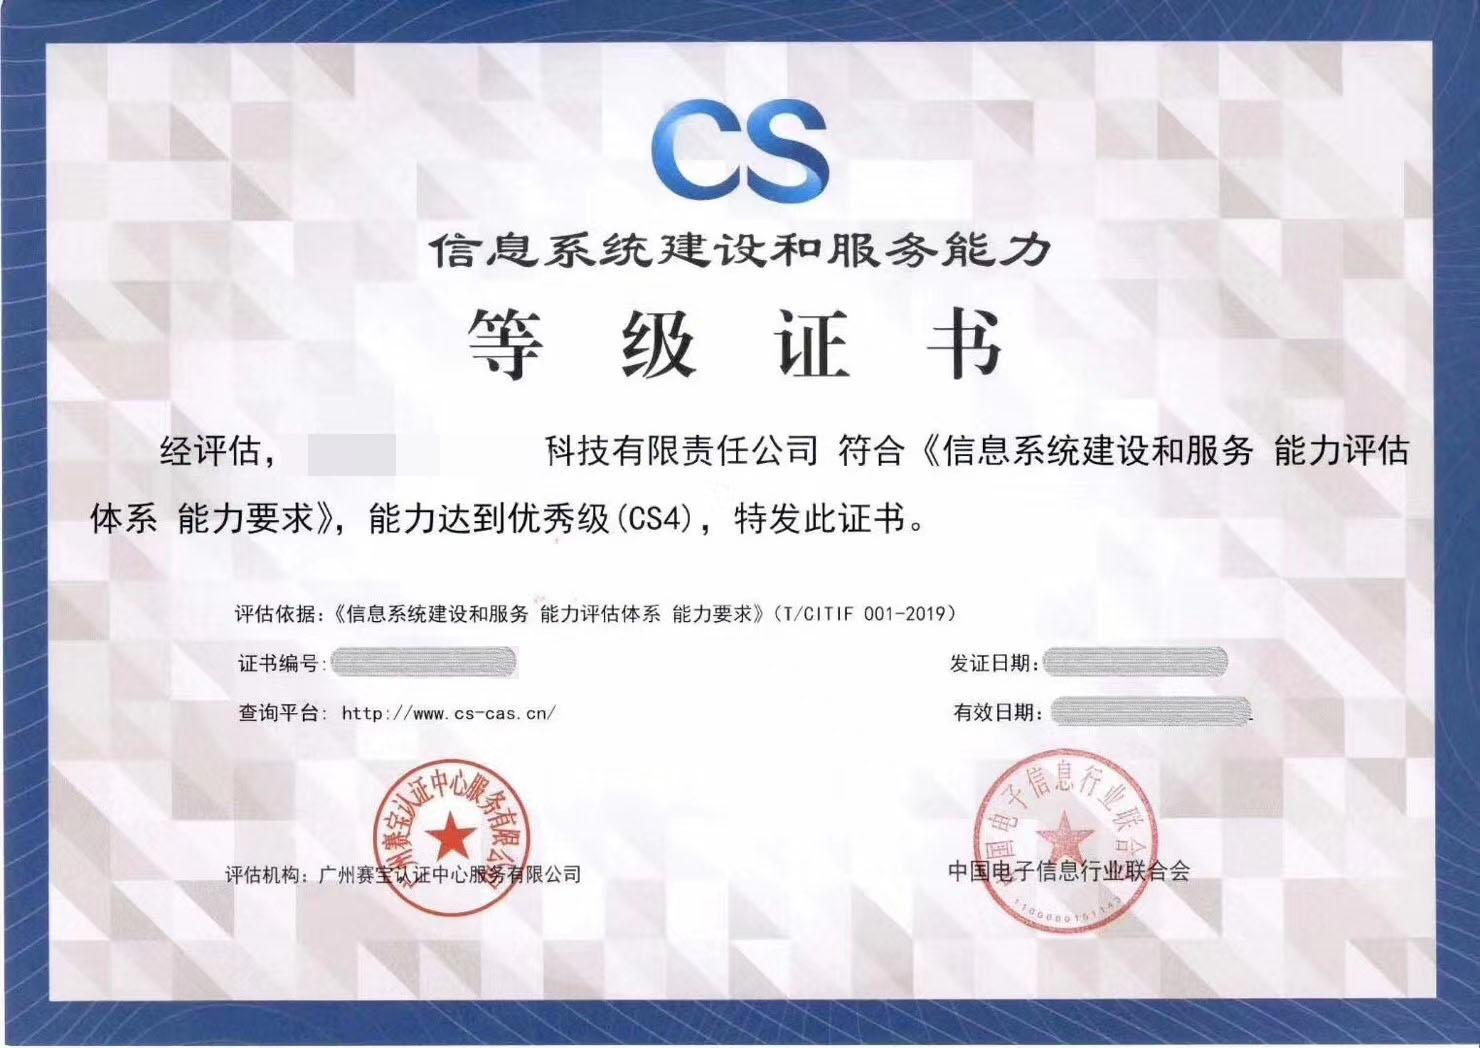 信息系统建设和服务能力评估(CS资质)